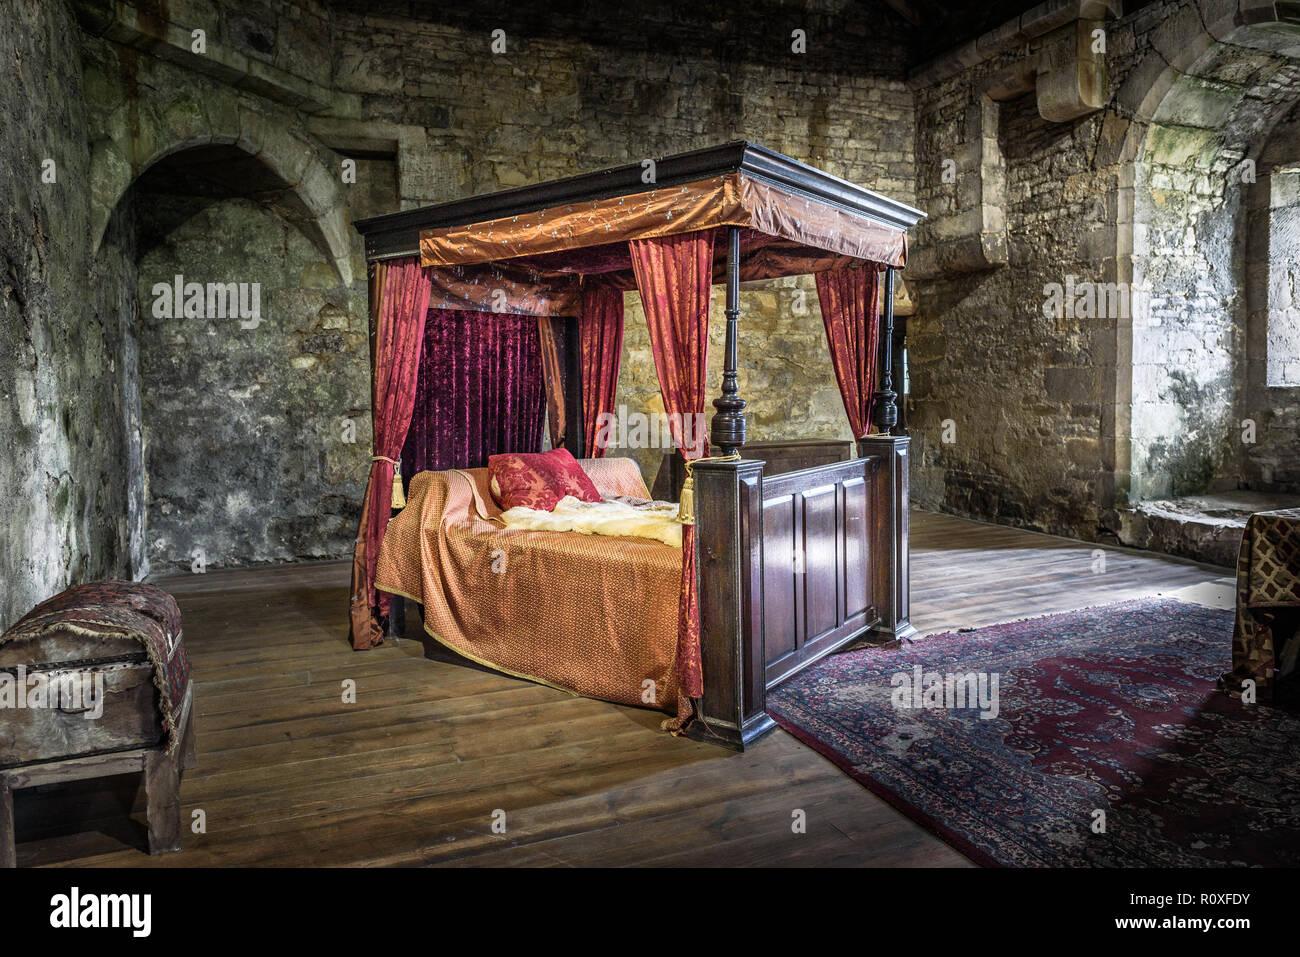 Hilo para dar las buenas noches  - Página 6 Senor-scropes-alcoba-en-el-bolton-castle-yorkshire-inglaterra-reino-unido-r0xfdy